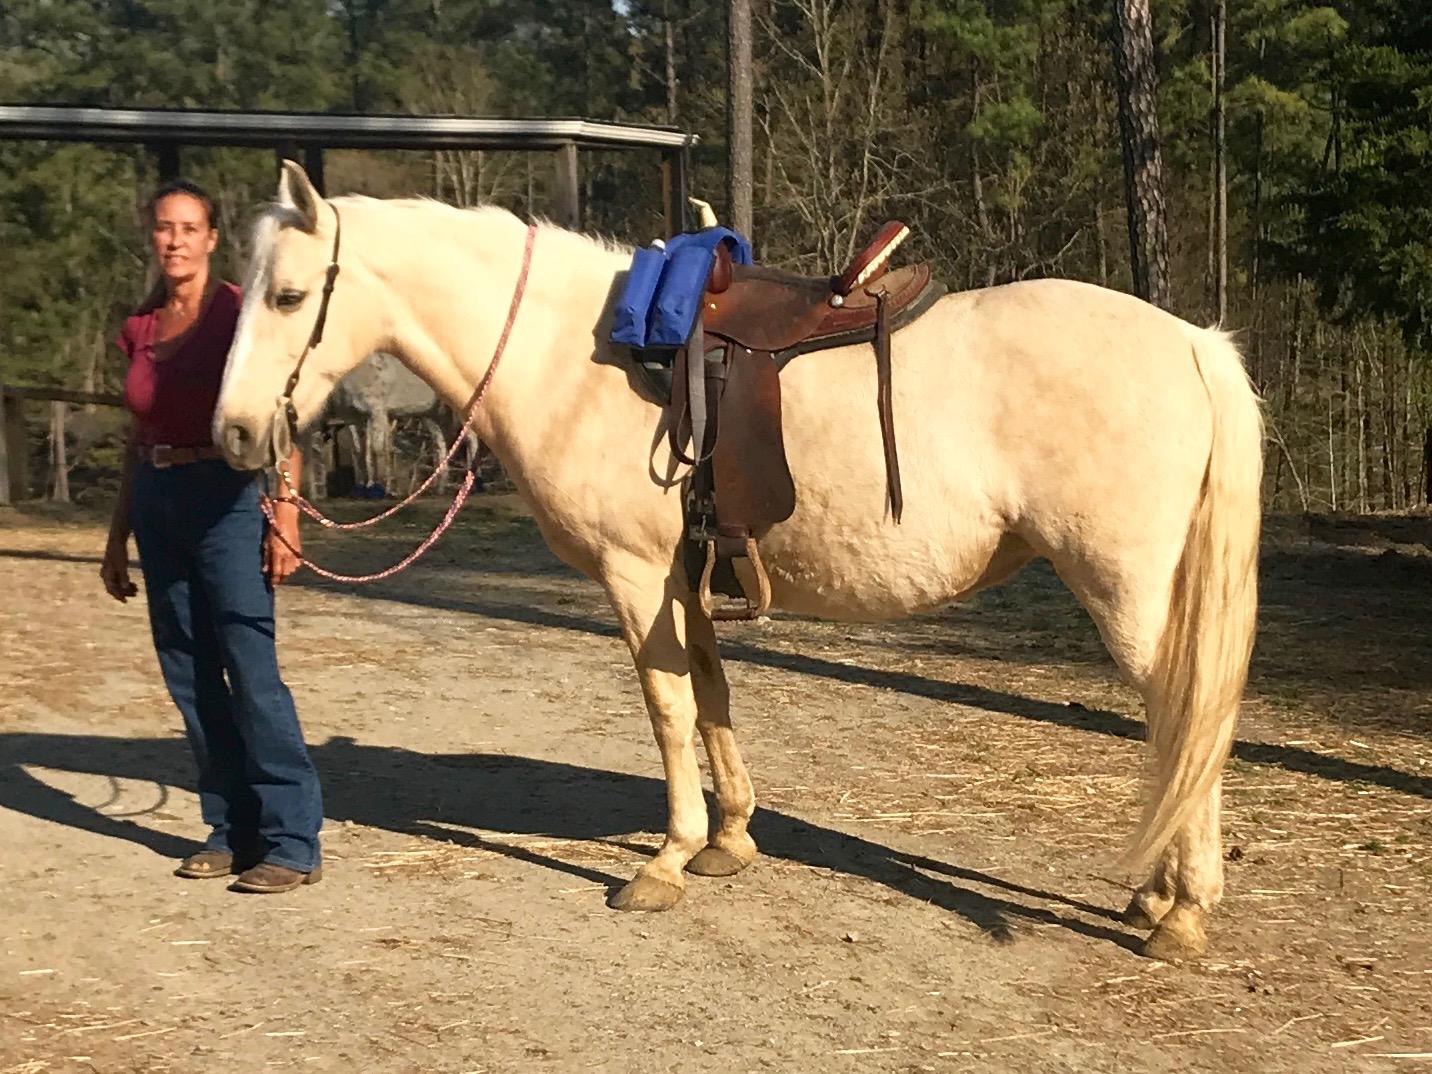 chasity saddled